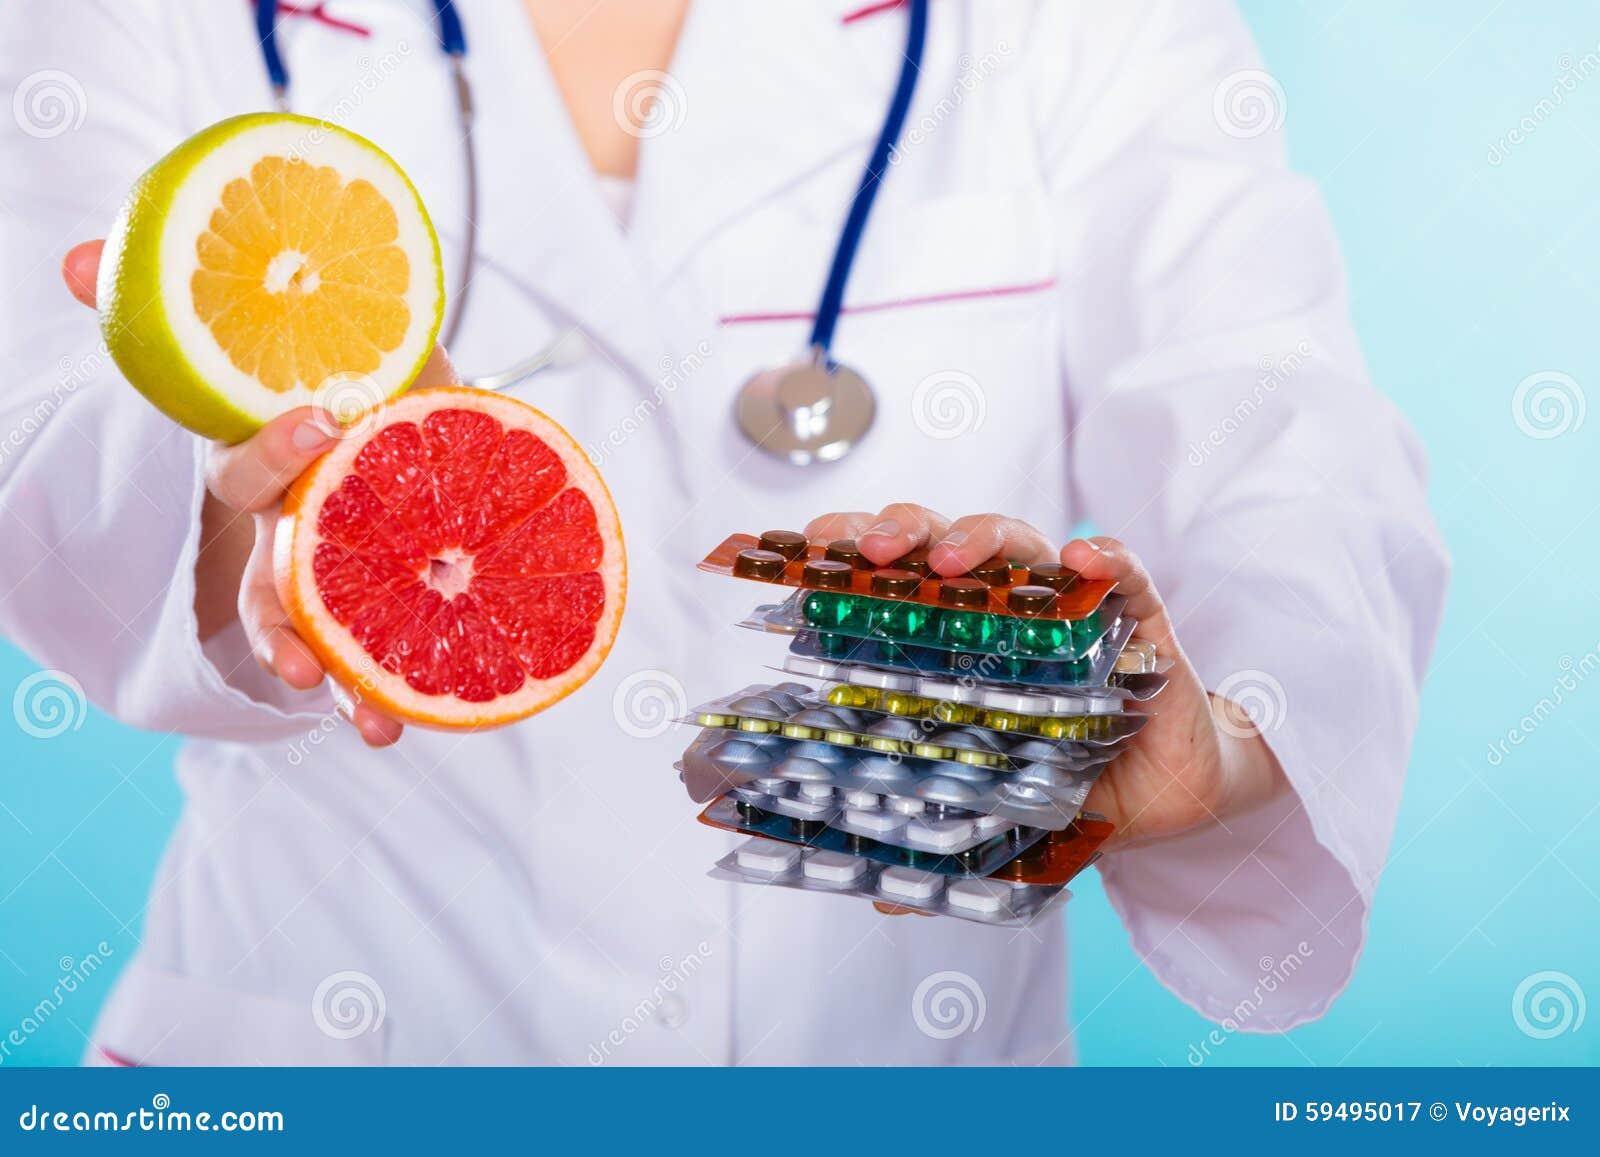 提供化工和自然维生素的医生